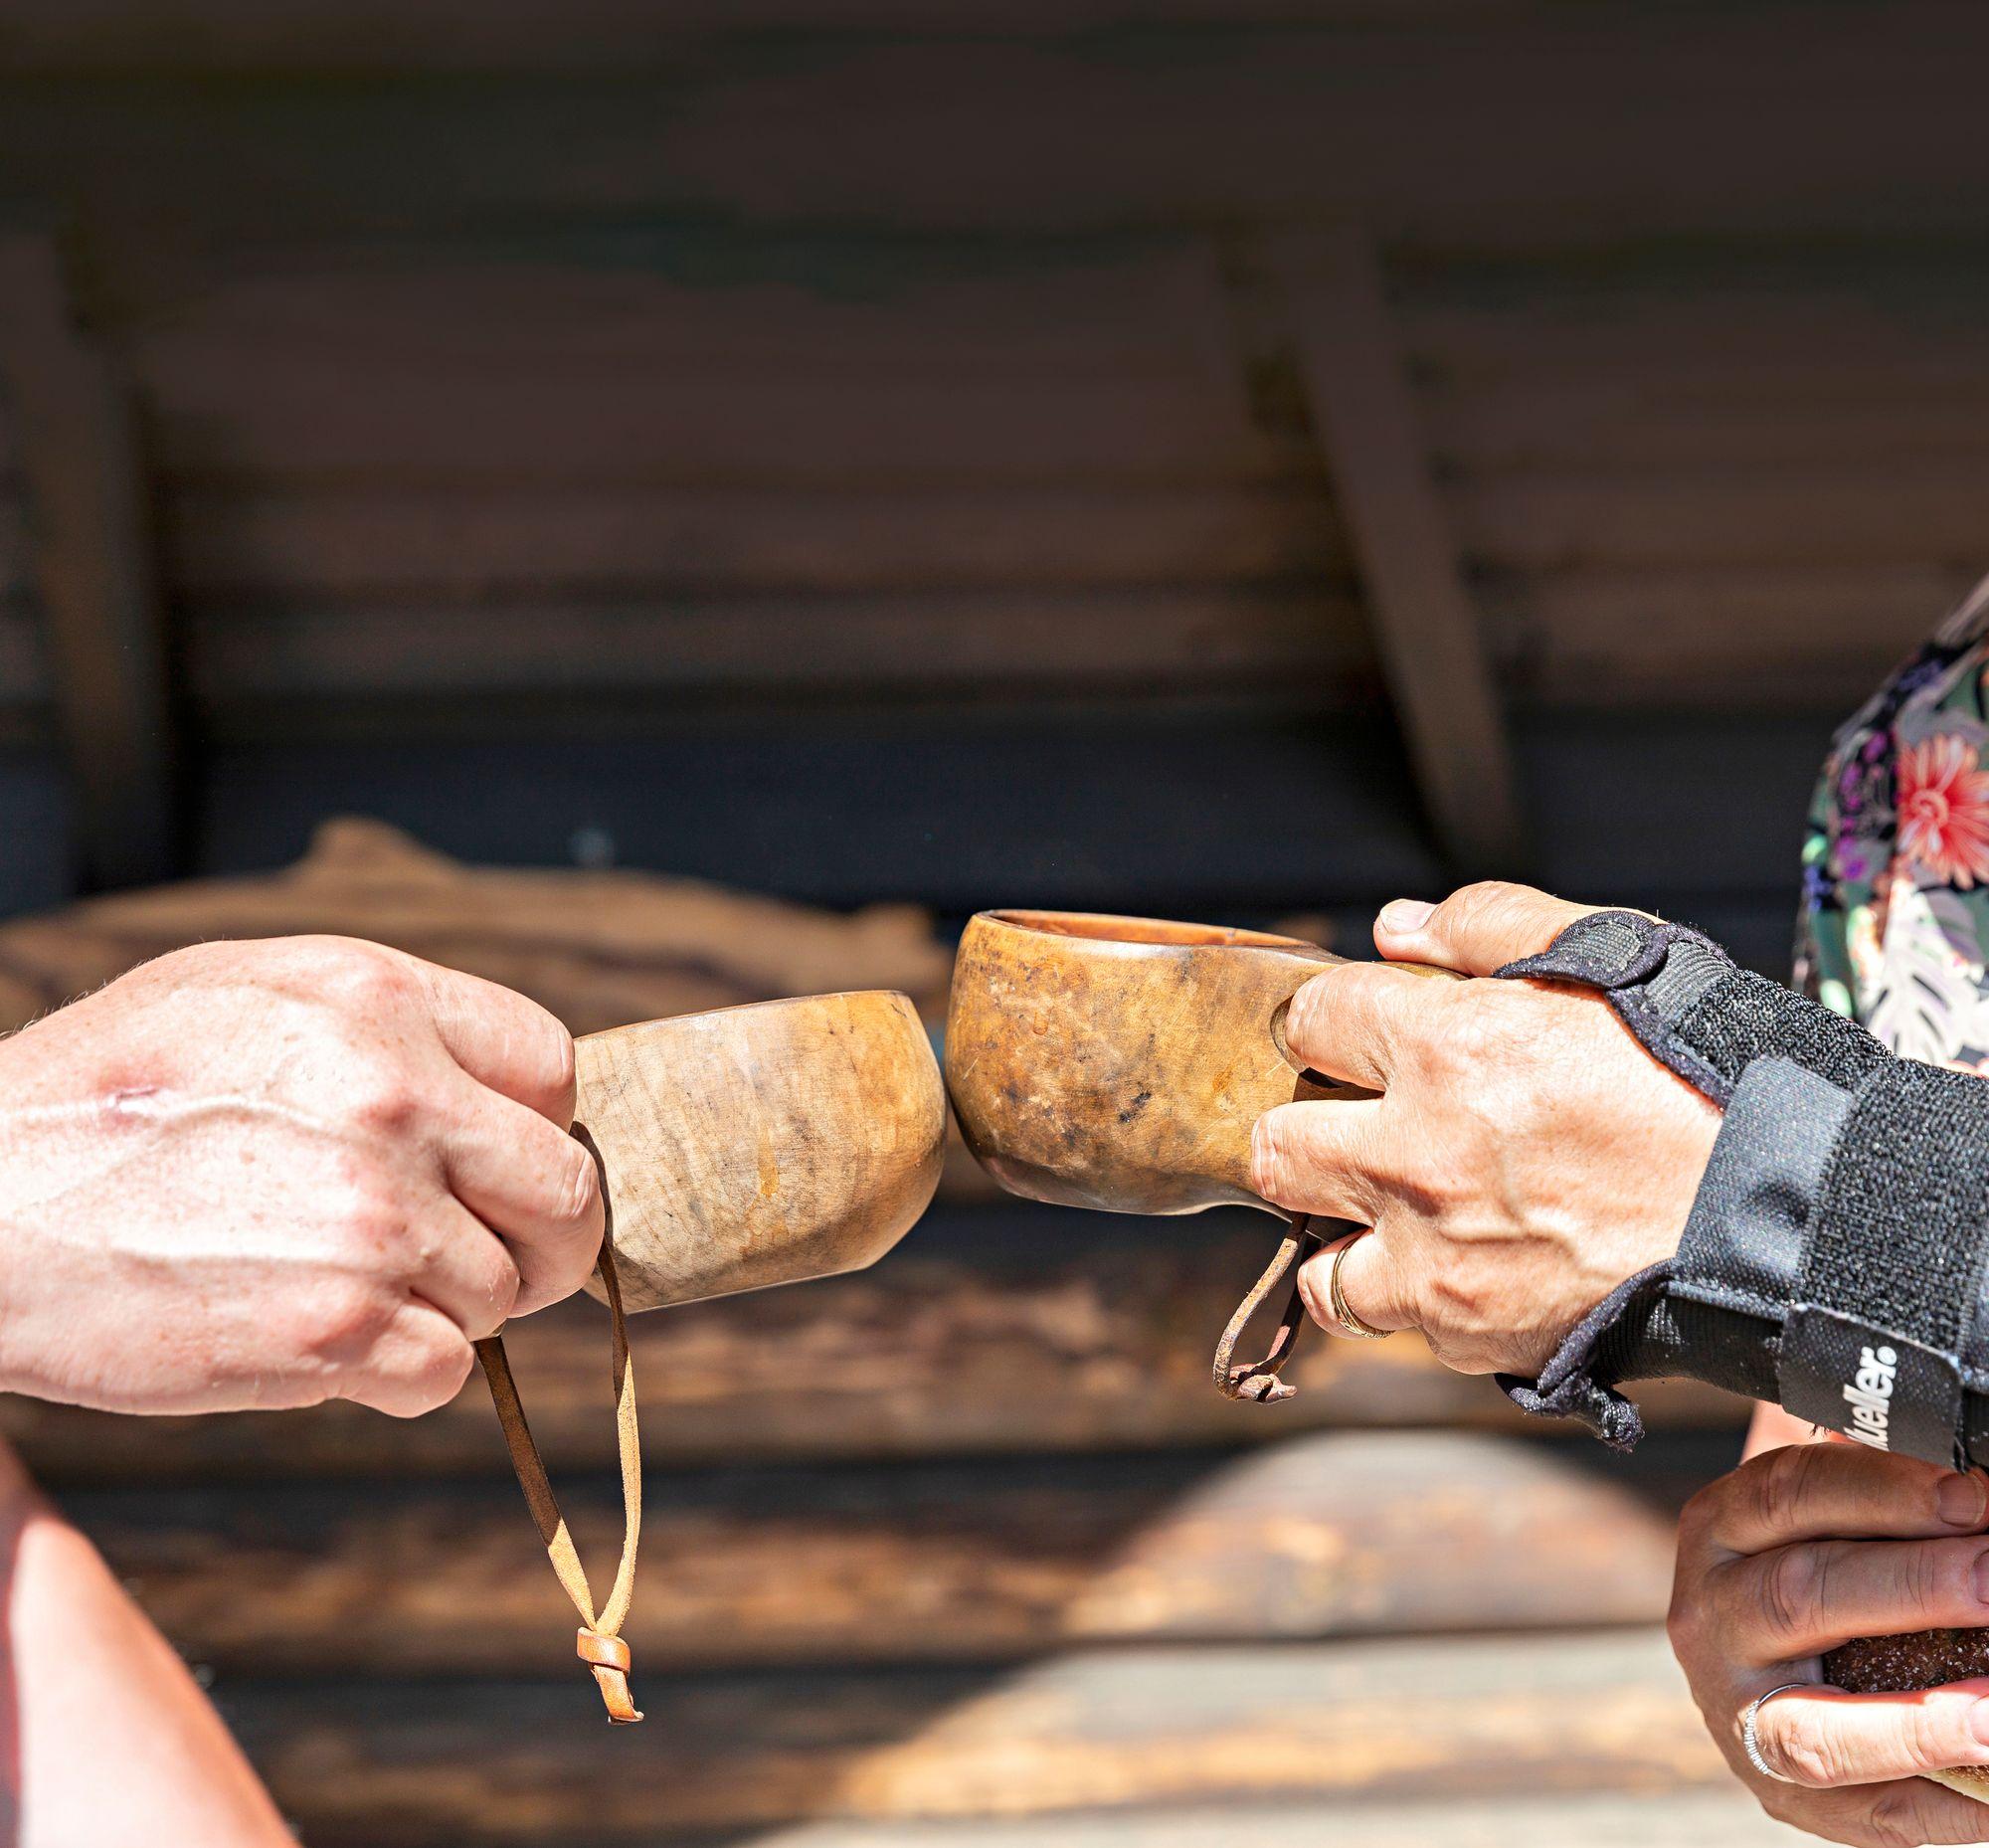 Kuksissa kippistellään kahvia, mikä maistuu ulkona erityisen hyvältä. © Petri Jauhiainen